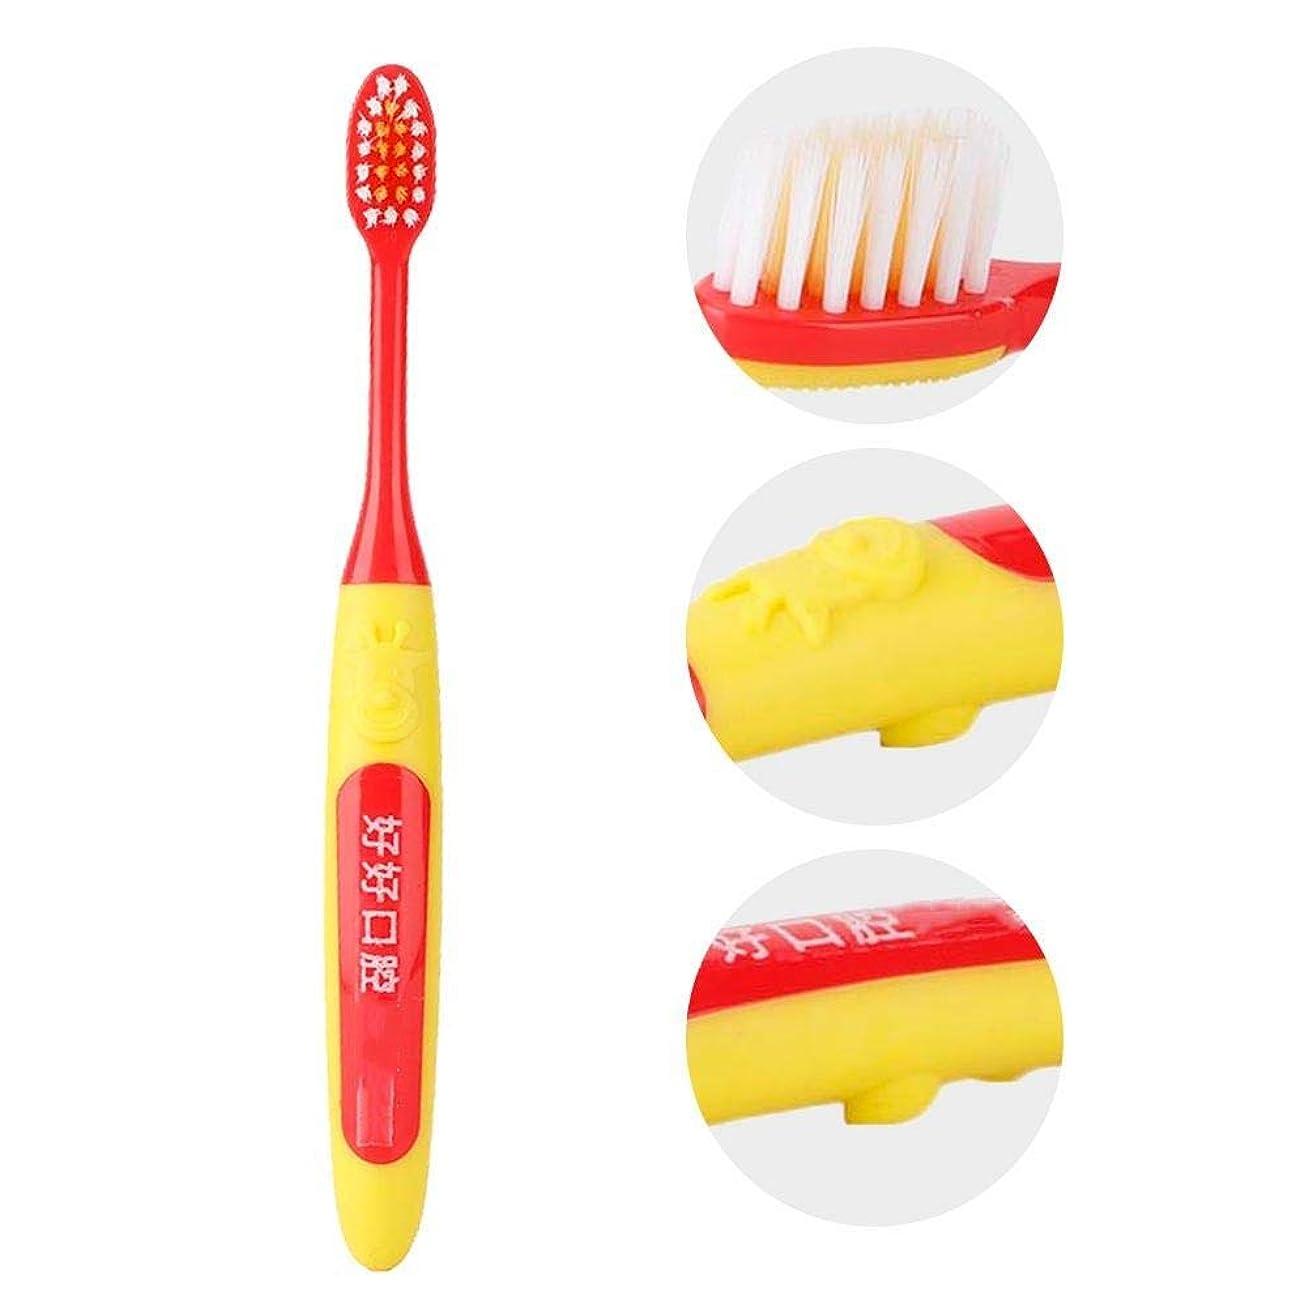 ラジカル資源規則性歯ブラシ子供の柔らかい髪の歯ブラシかわいい子供のクリーニング歯ブラシオーラルケアツール(黄色いハンドル)